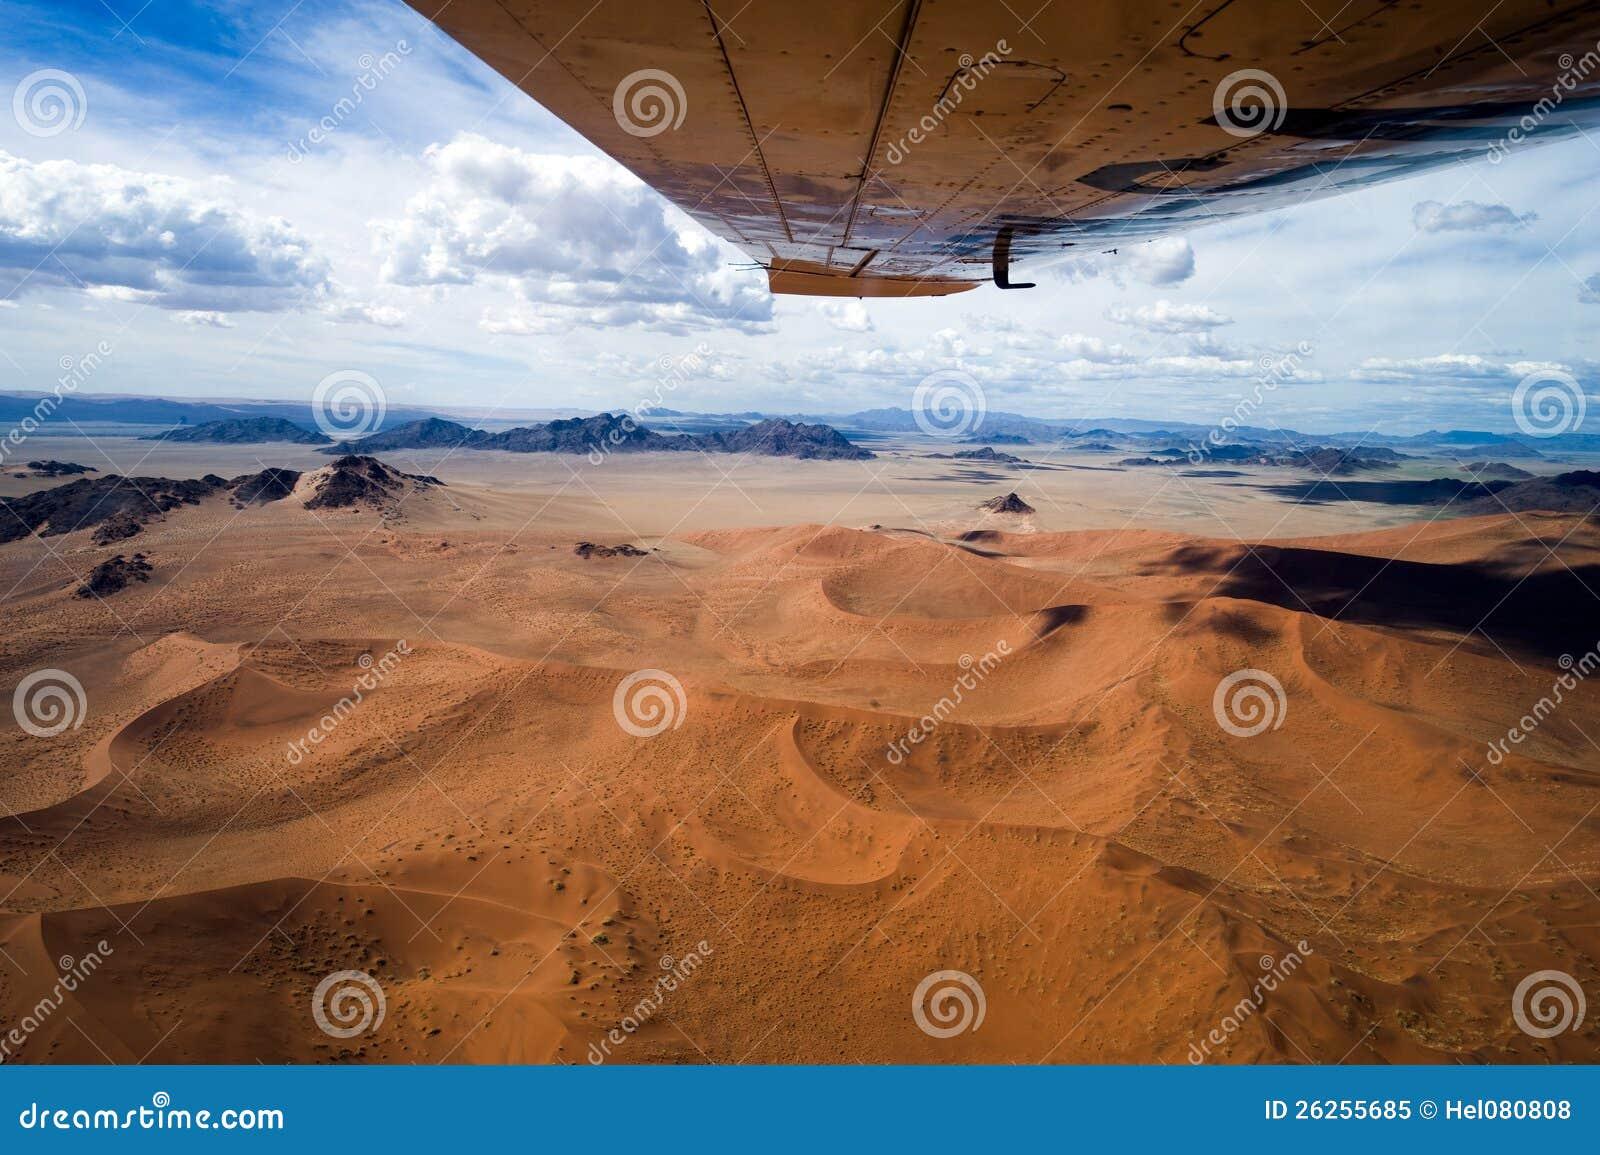 Flyg över den Sossusvlei öknen i Namibia